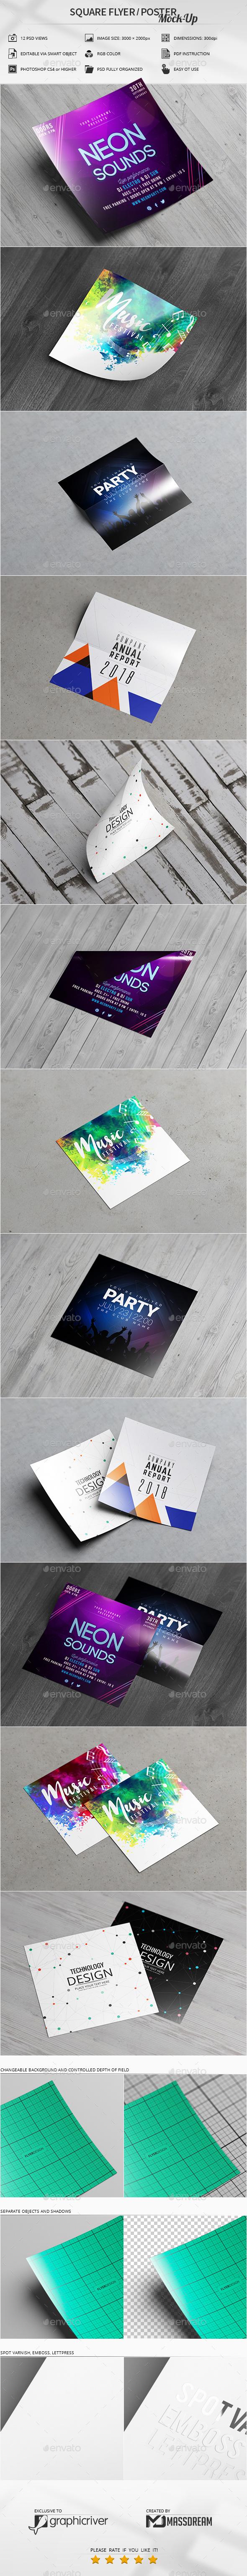 Square Flyer / Poster Mock-Up